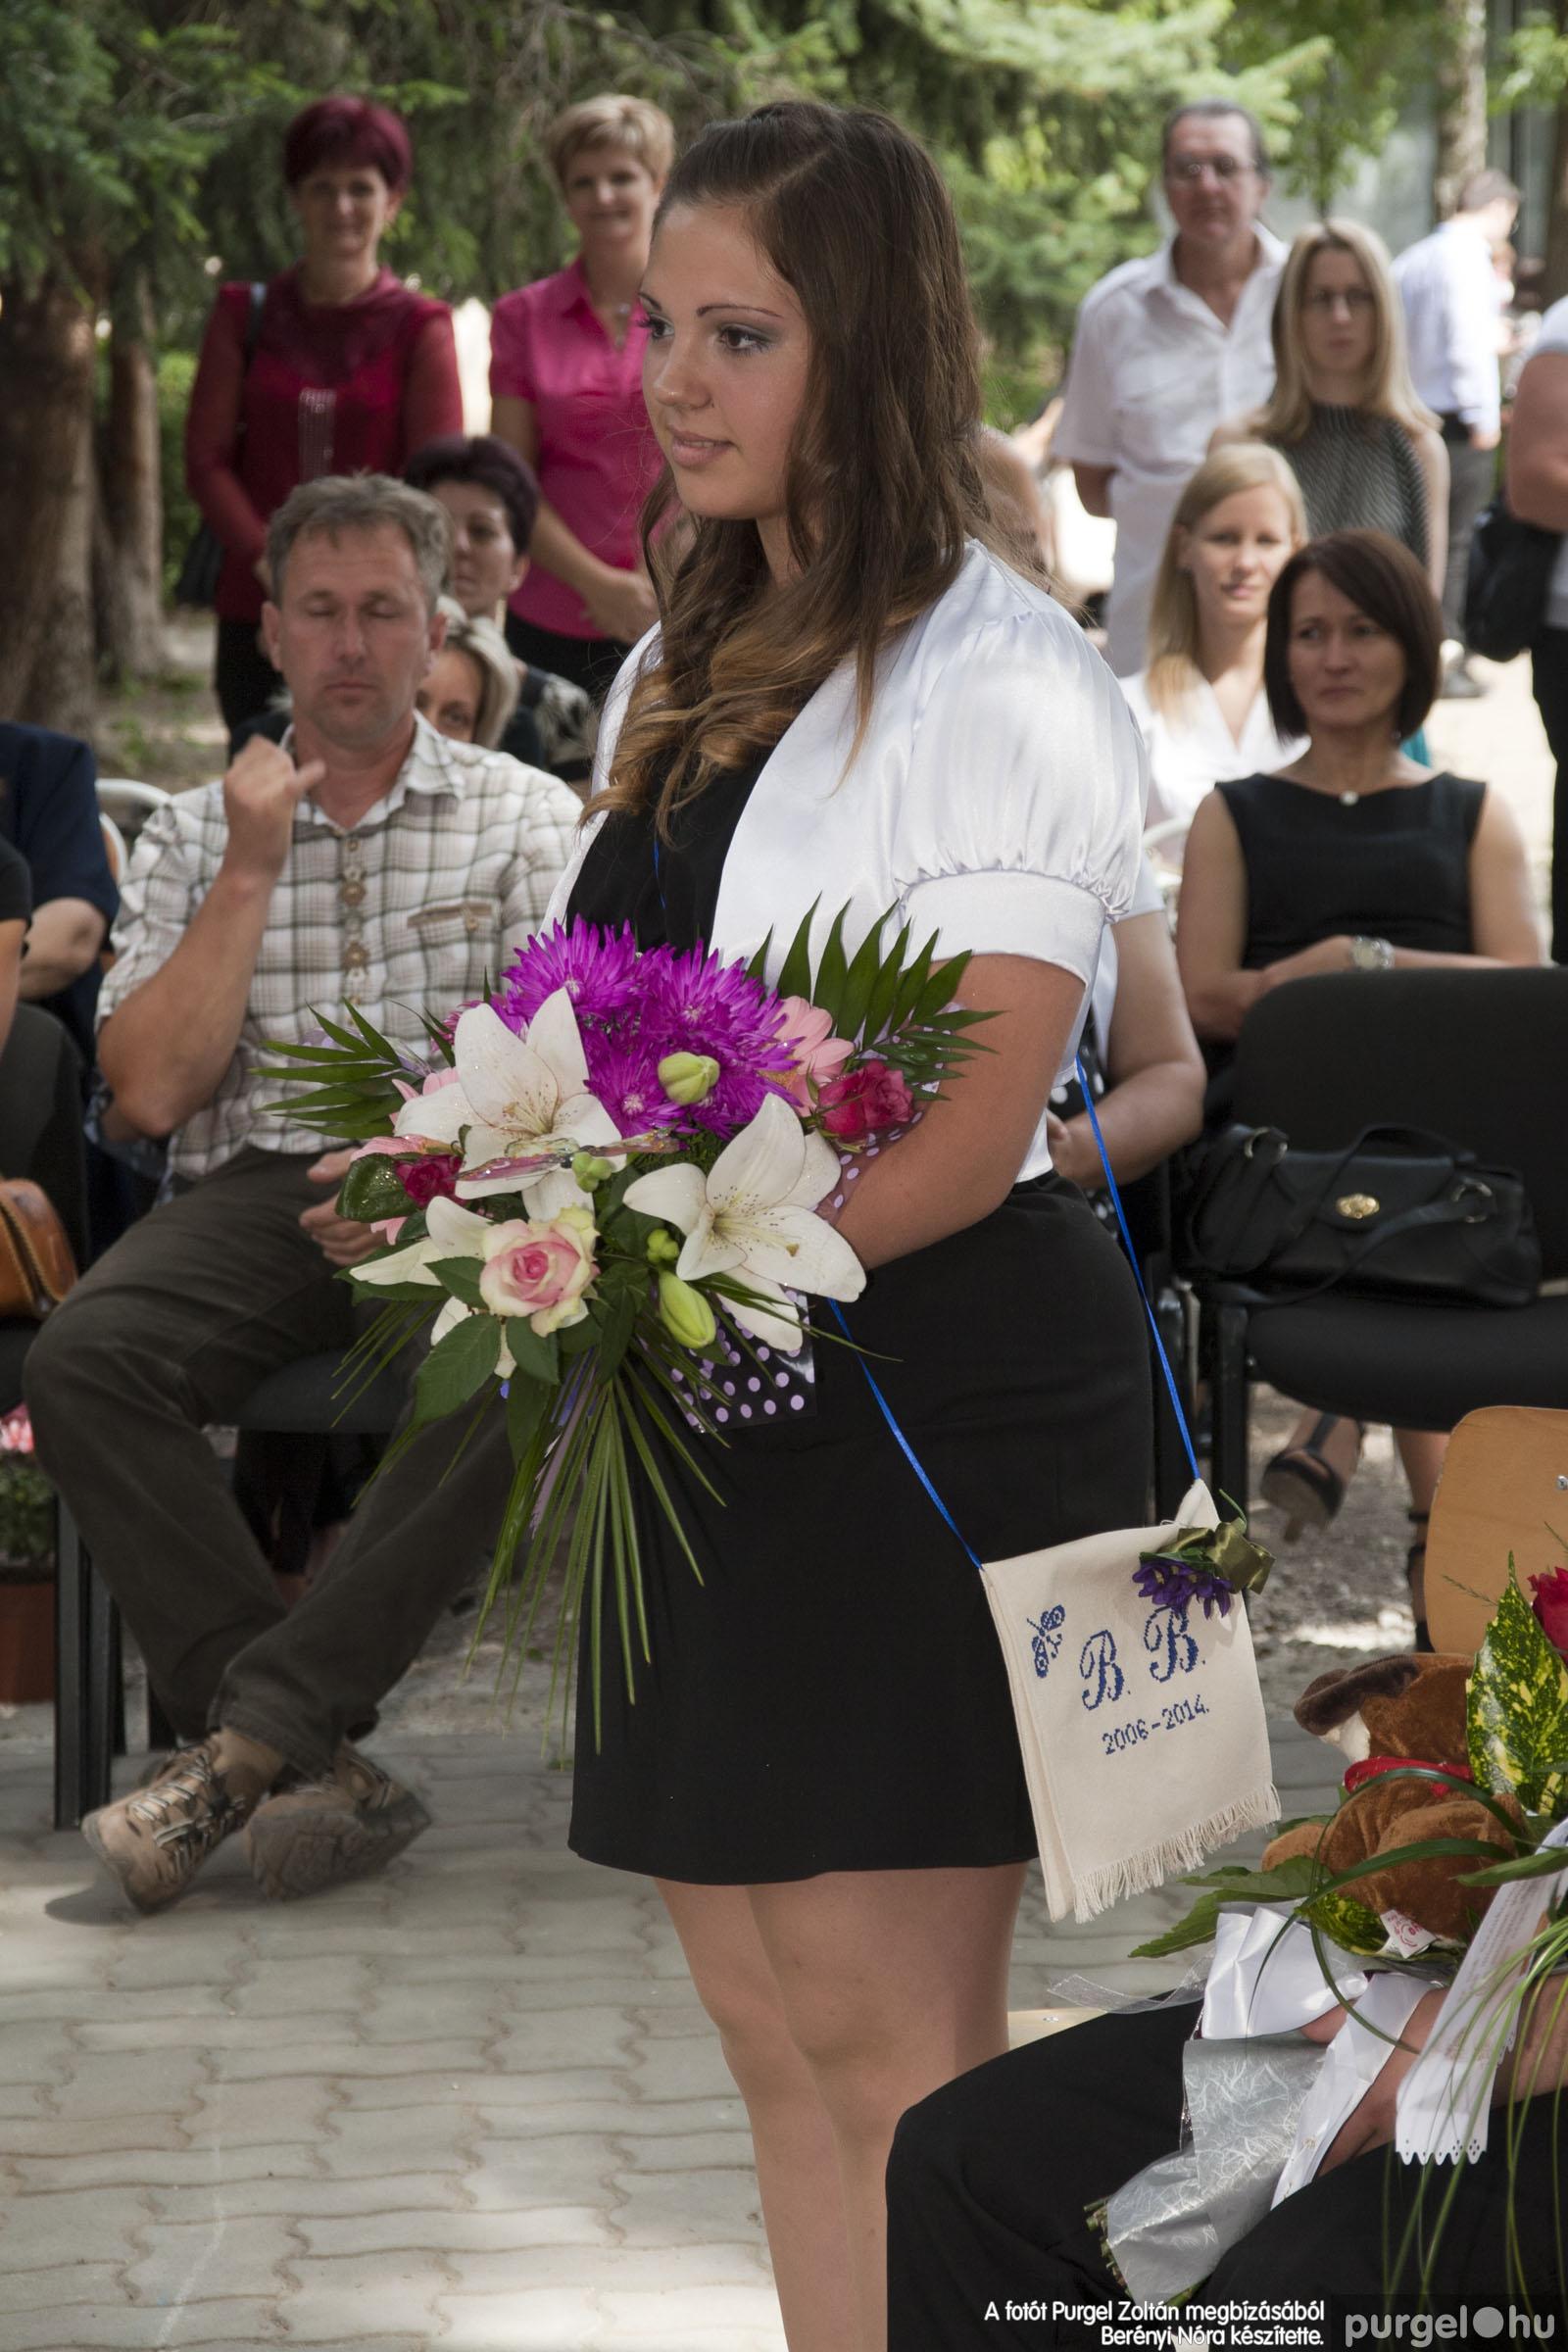 2014.06.14. 201 Forray Máté Általános Iskola ballagás 2014. - Fotó:BERÉNYI NÓRA© _MG_5845.jpg